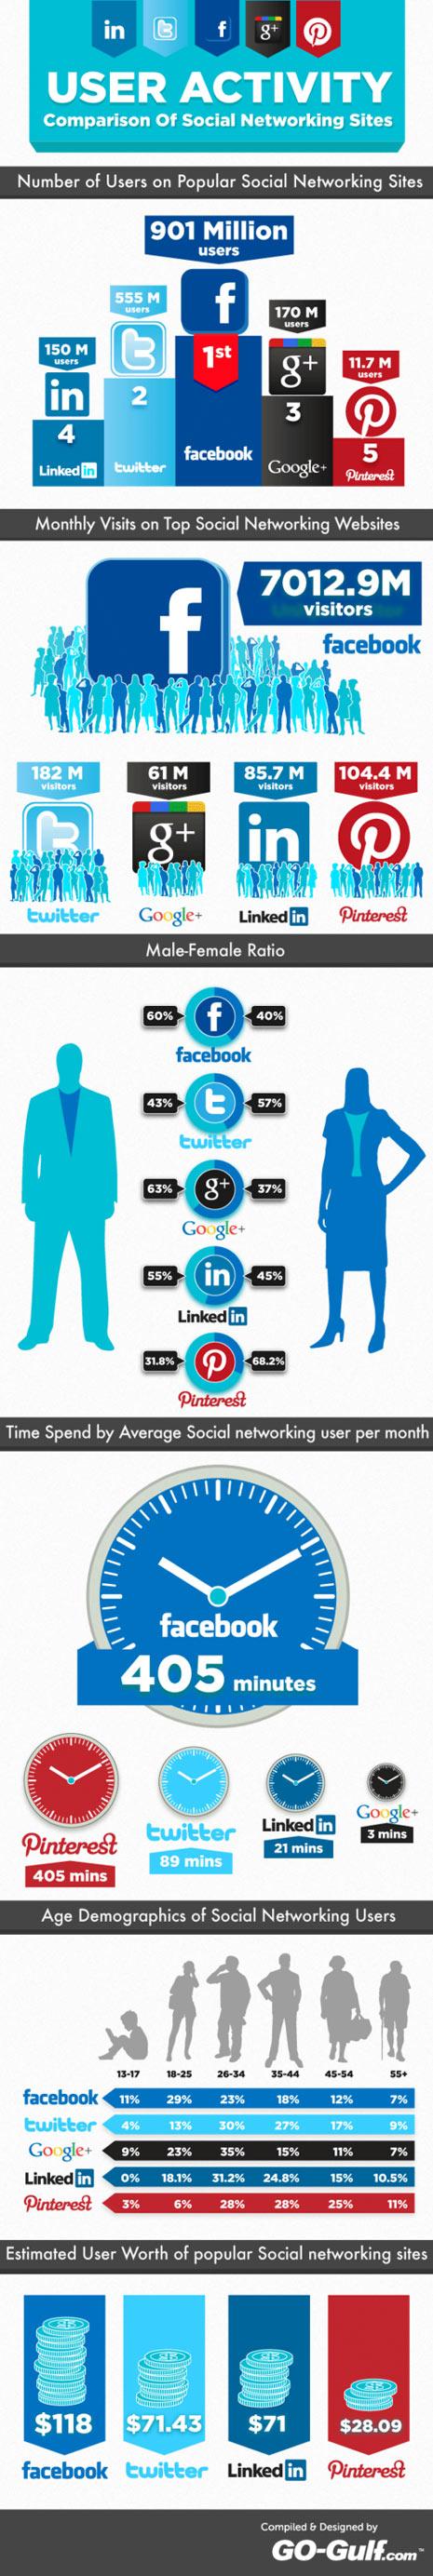 Infographic - gebruikers aantallen & activiteit op de sociale netwerken